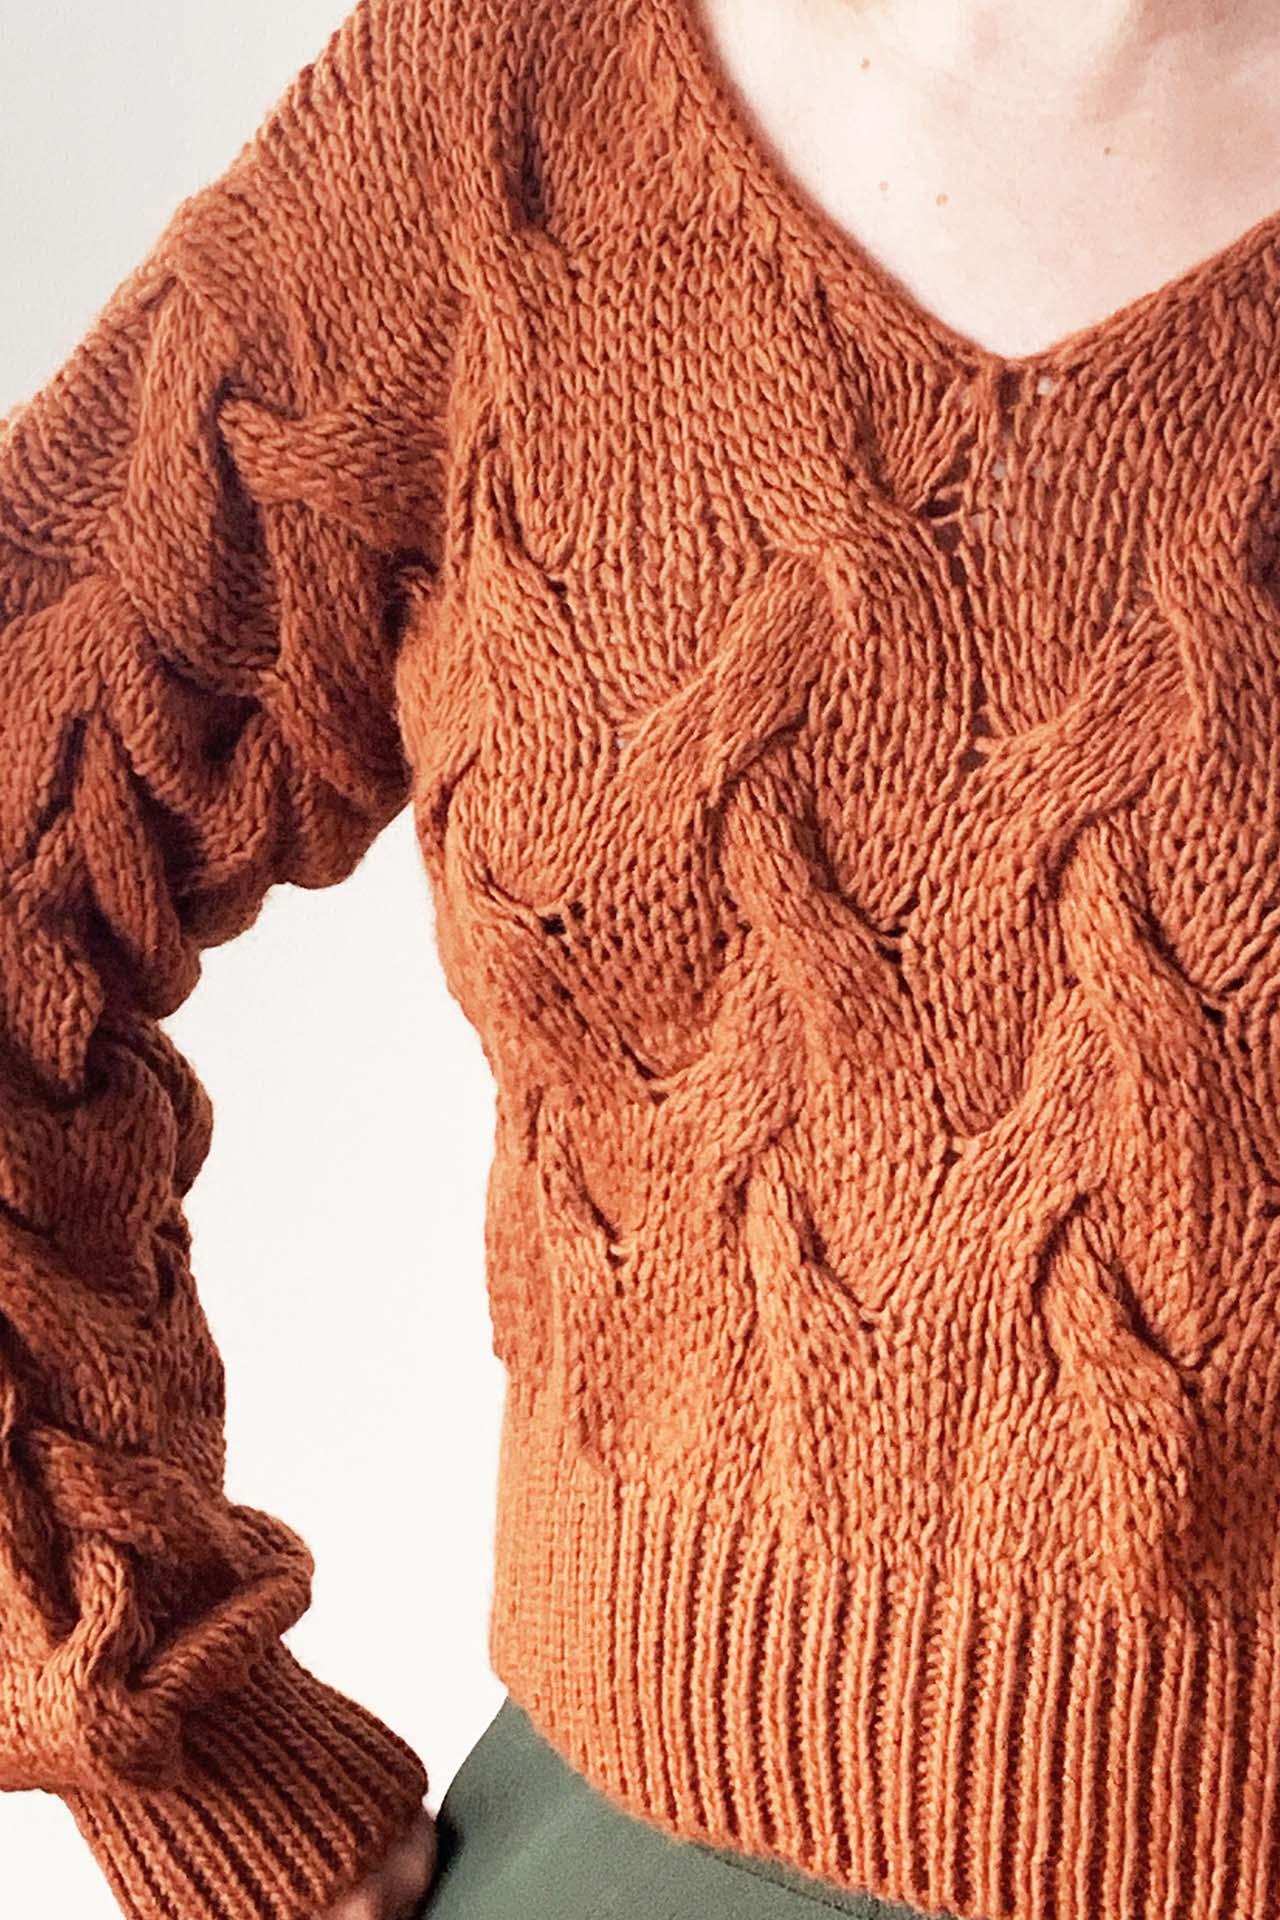 Sweater cropped trenzado y cuello en V. Súper abrigador      Made in Italy                                           Material & cuidado 85% Acrílico 15% Poliester Lavar en agua fría a mano  Busto Largo  47CM 37CM